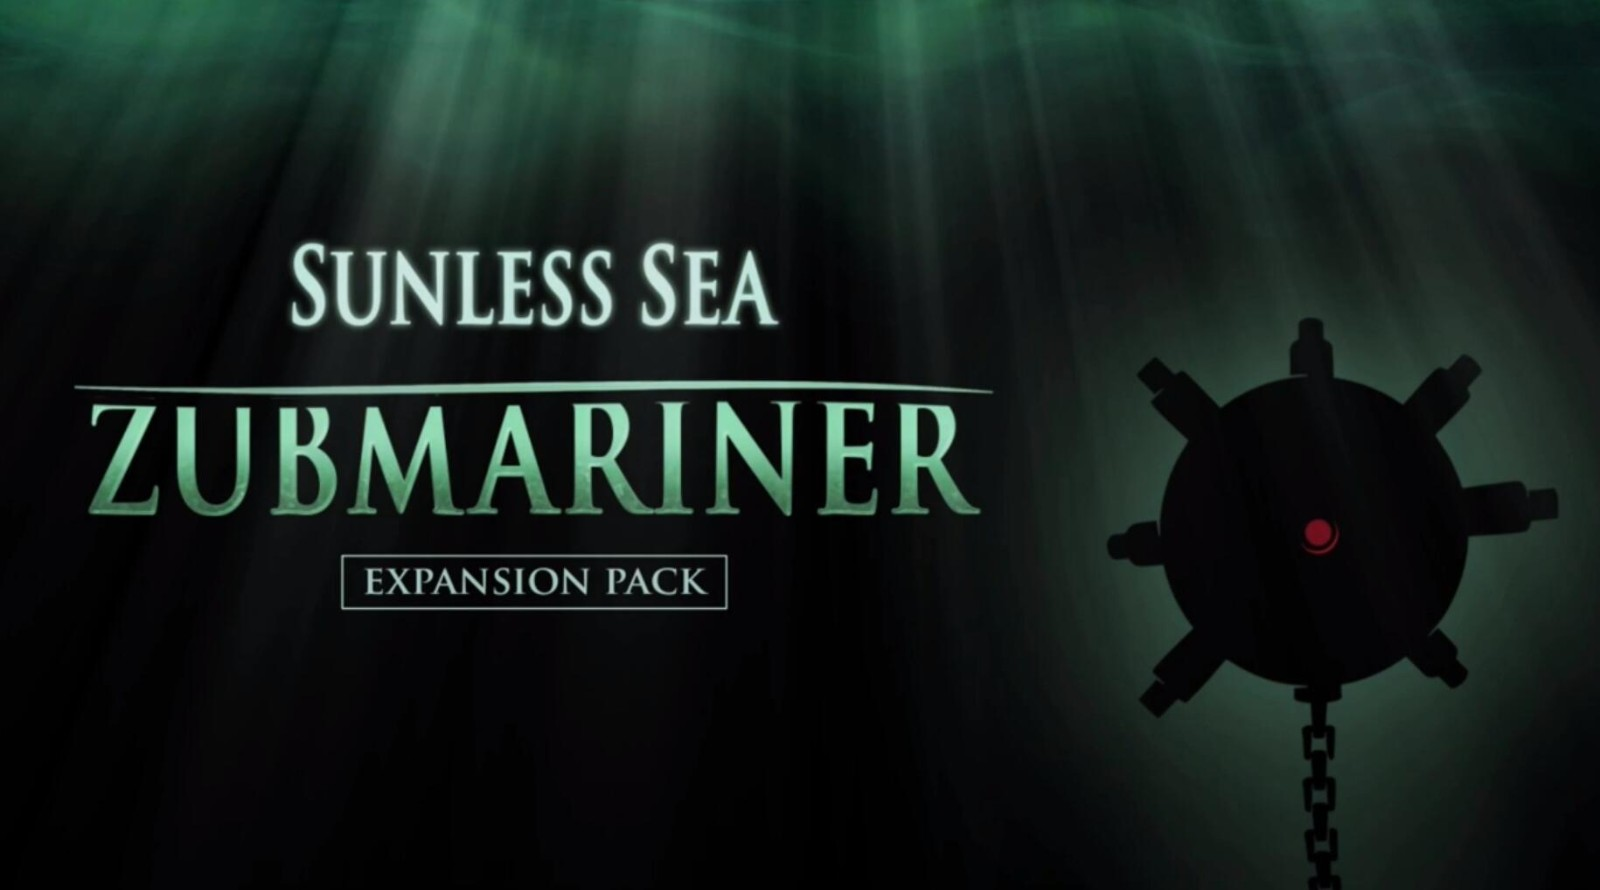 Epic本周免费送恐怖游戏《无光之海》 3月5日截止